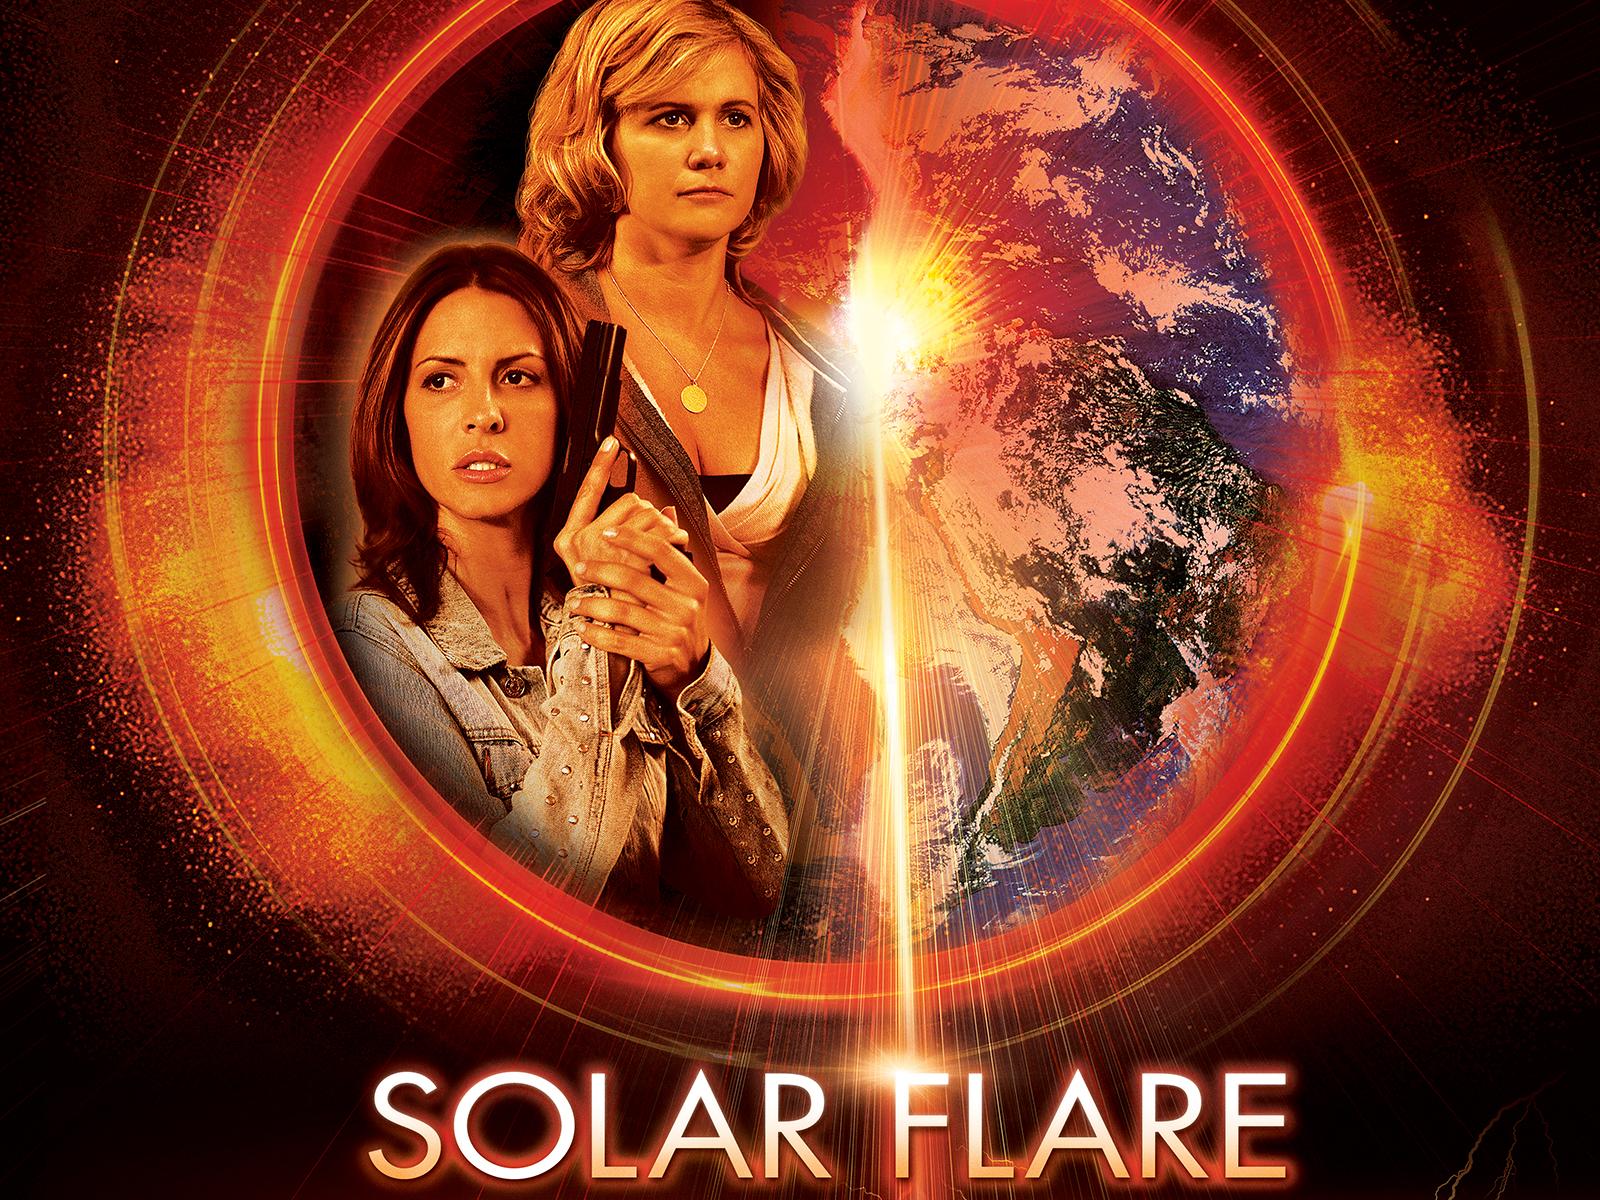 Here-Backlot_SolarFlare-Full-Image-en-US.jpg